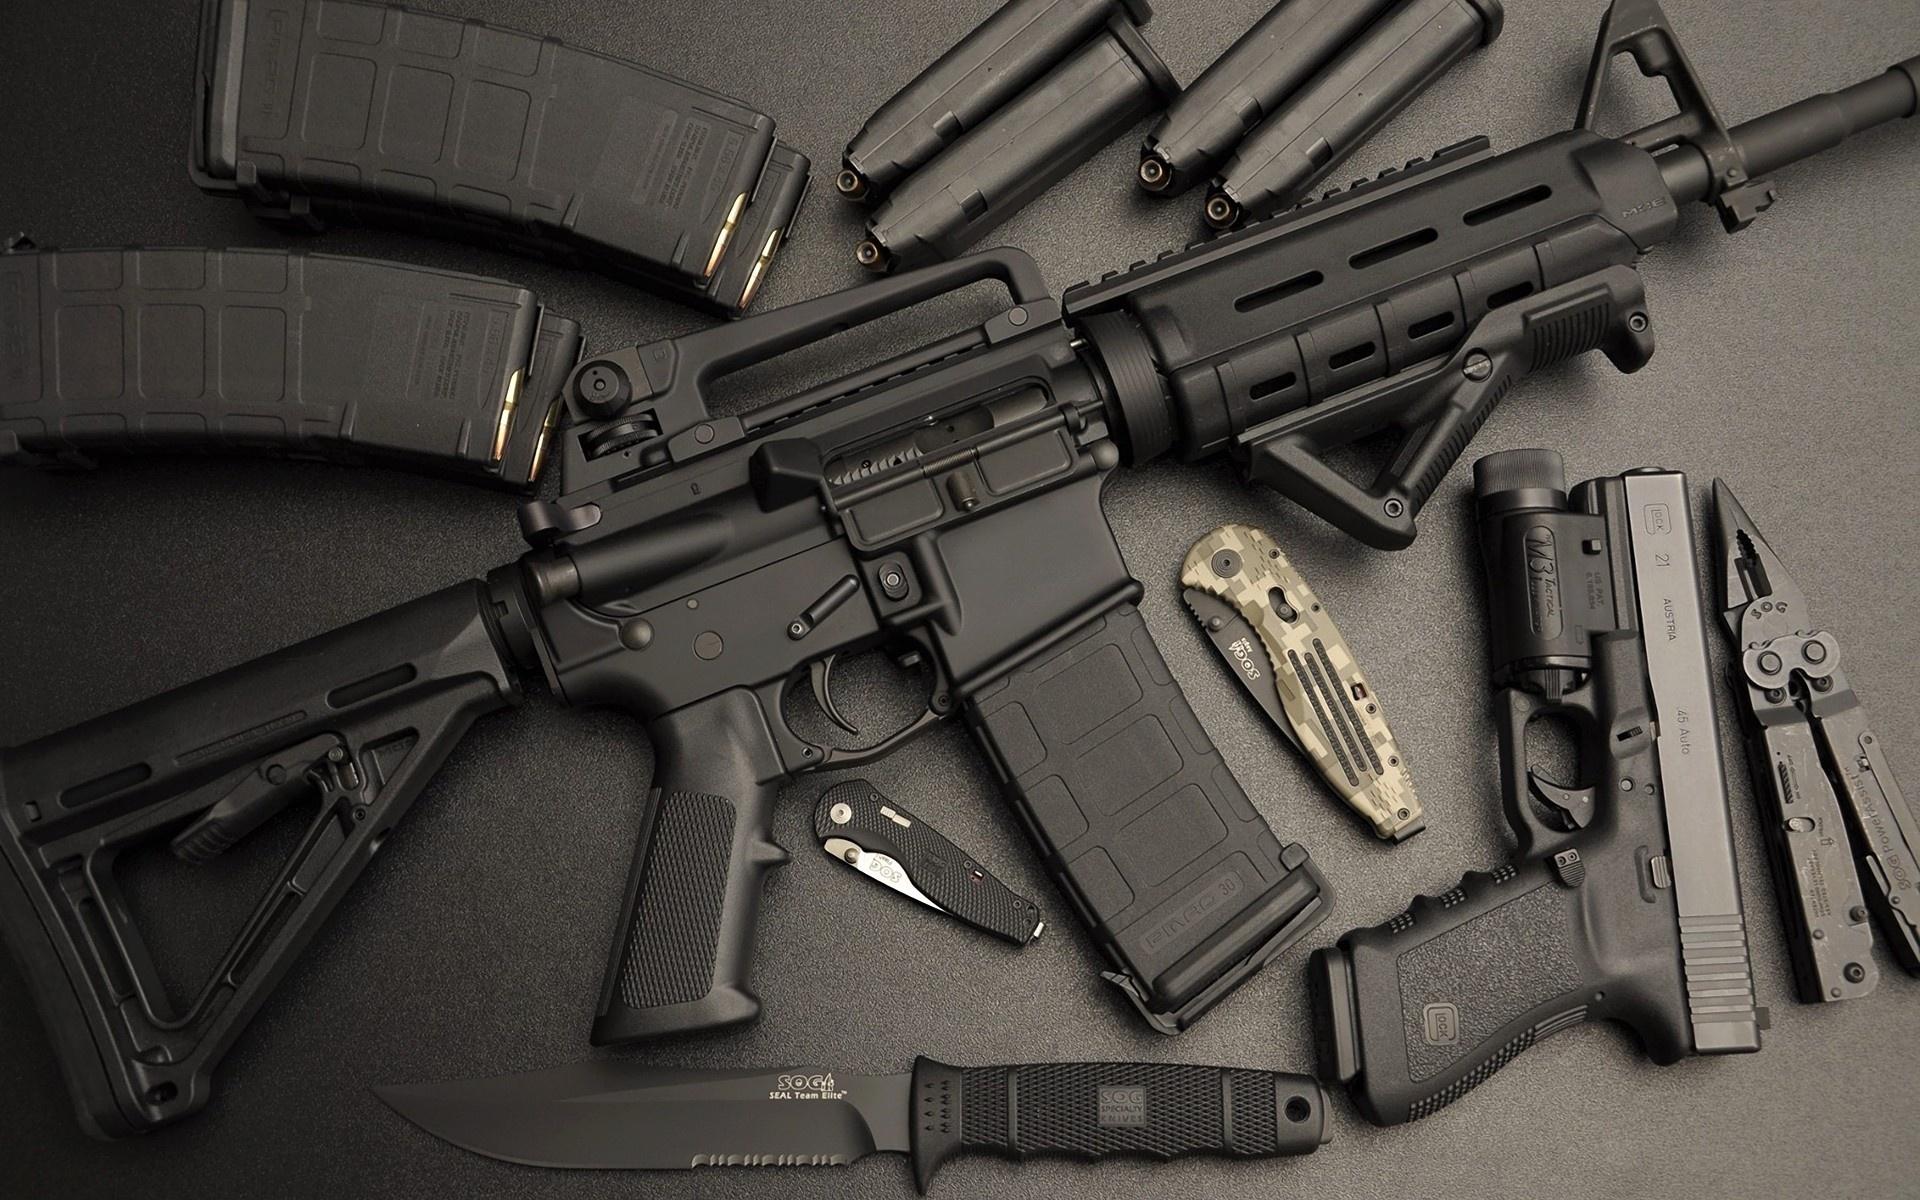 assault rifle ar 15 automatic weapon weapons gun guns pistol